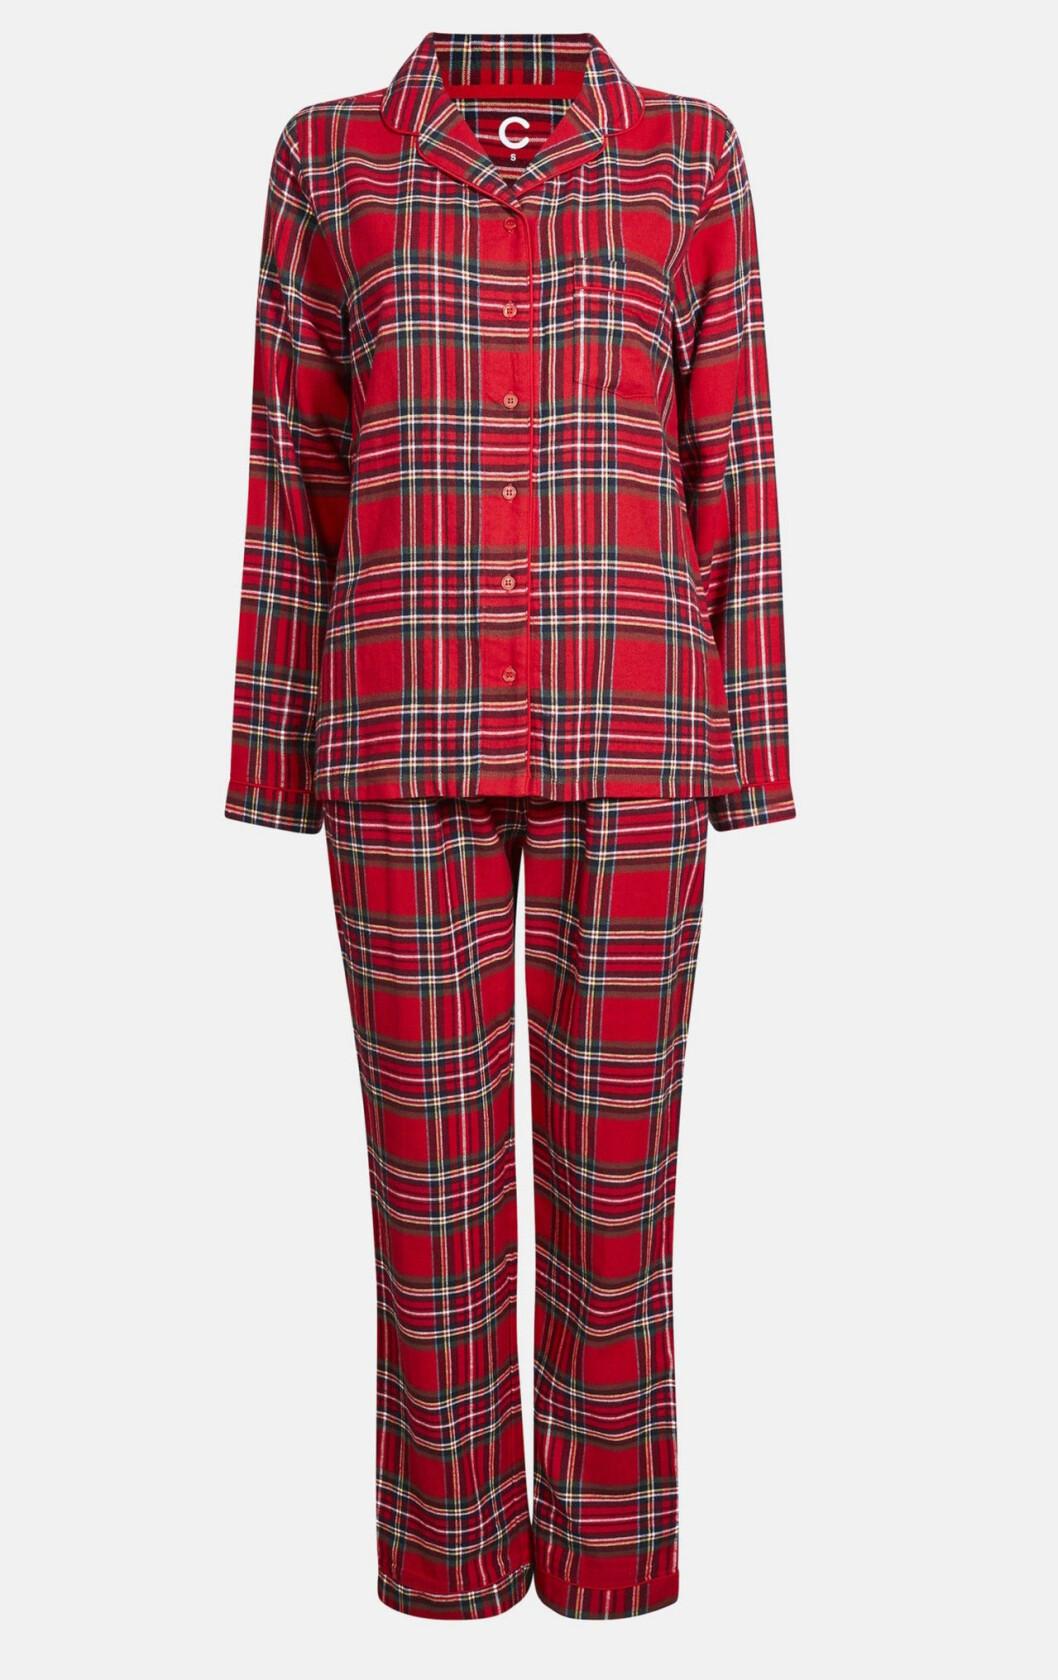 Rutig pyjamas till julen